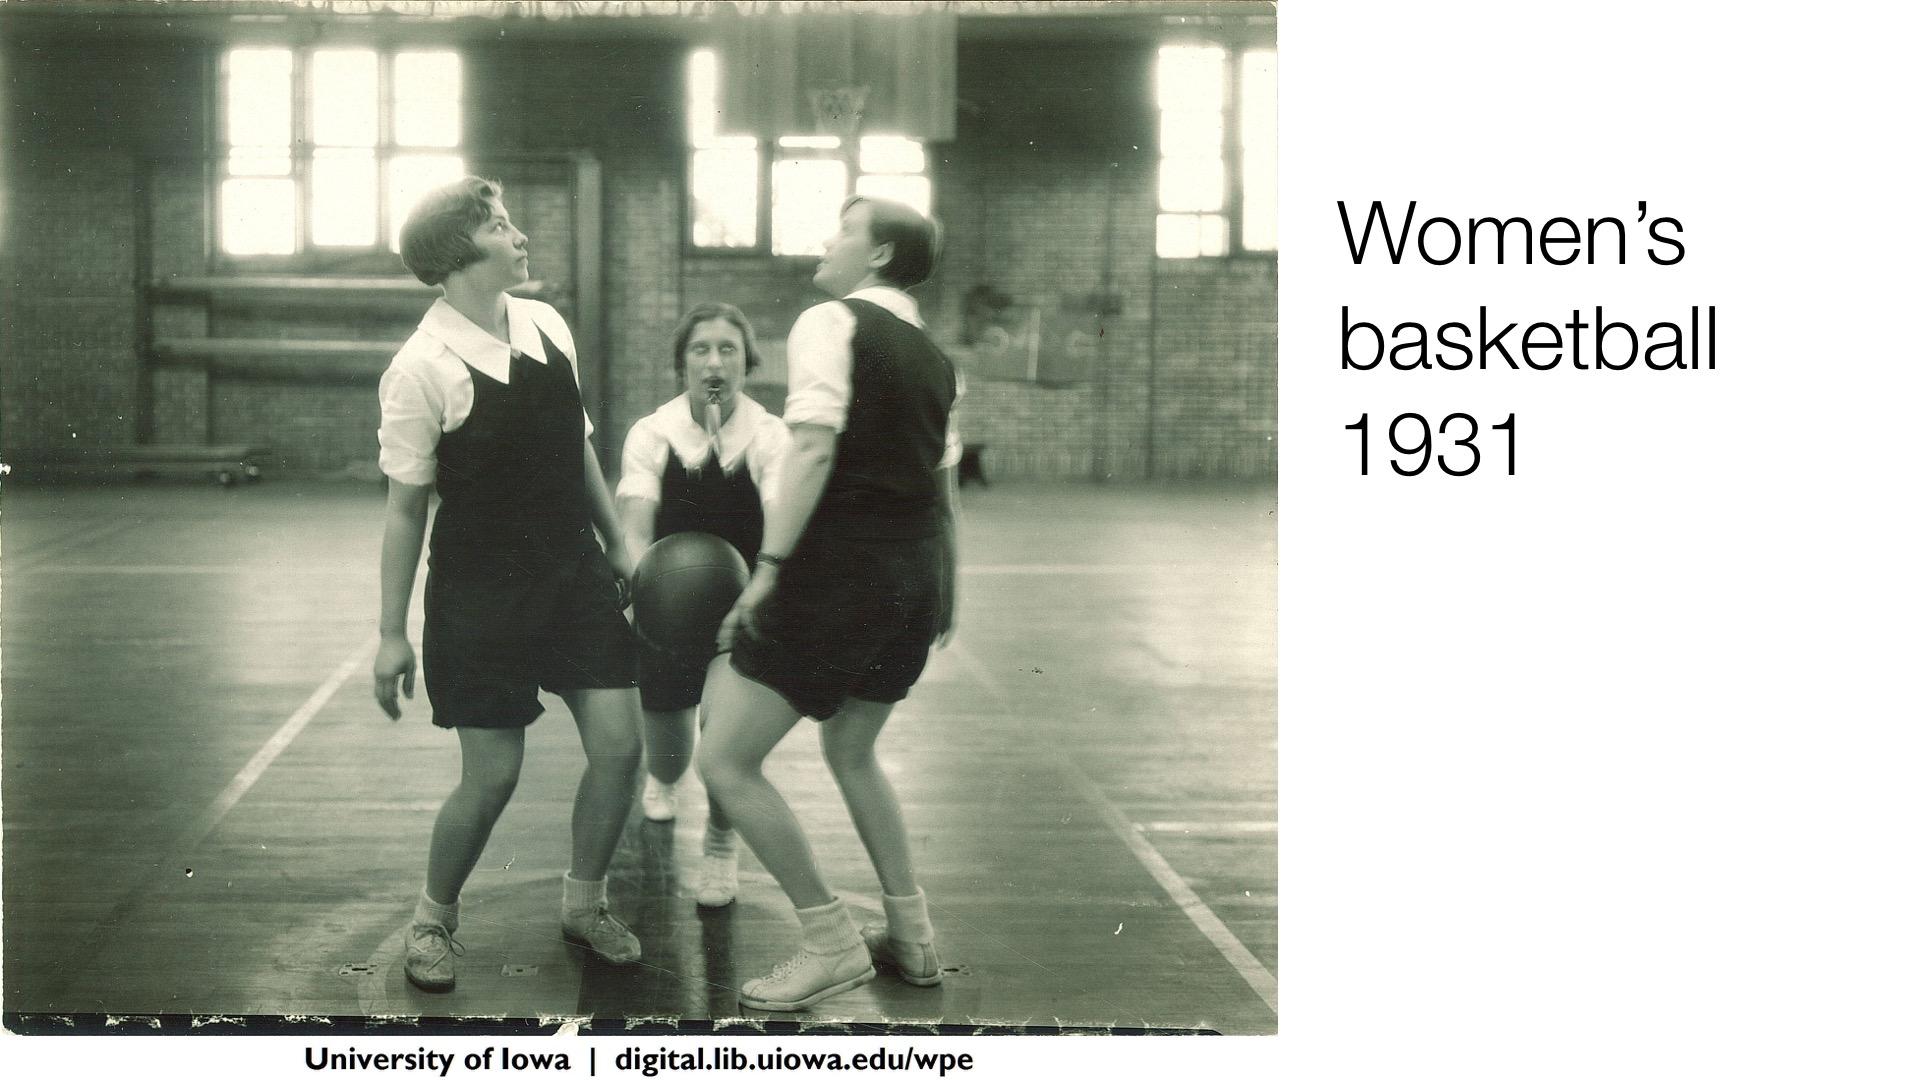 Women's basketball, 1931